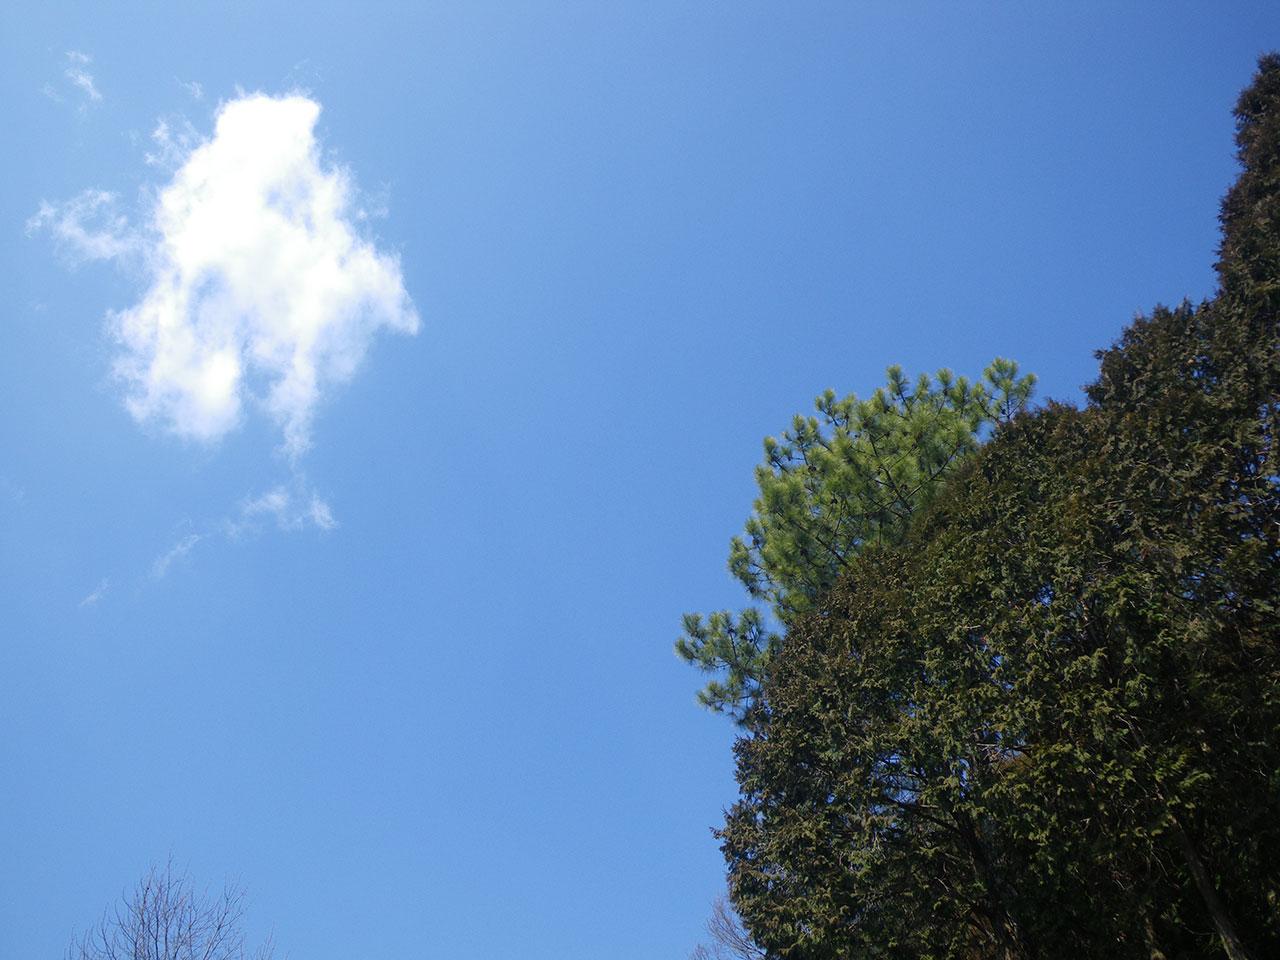 pentax w60で撮影した空と木